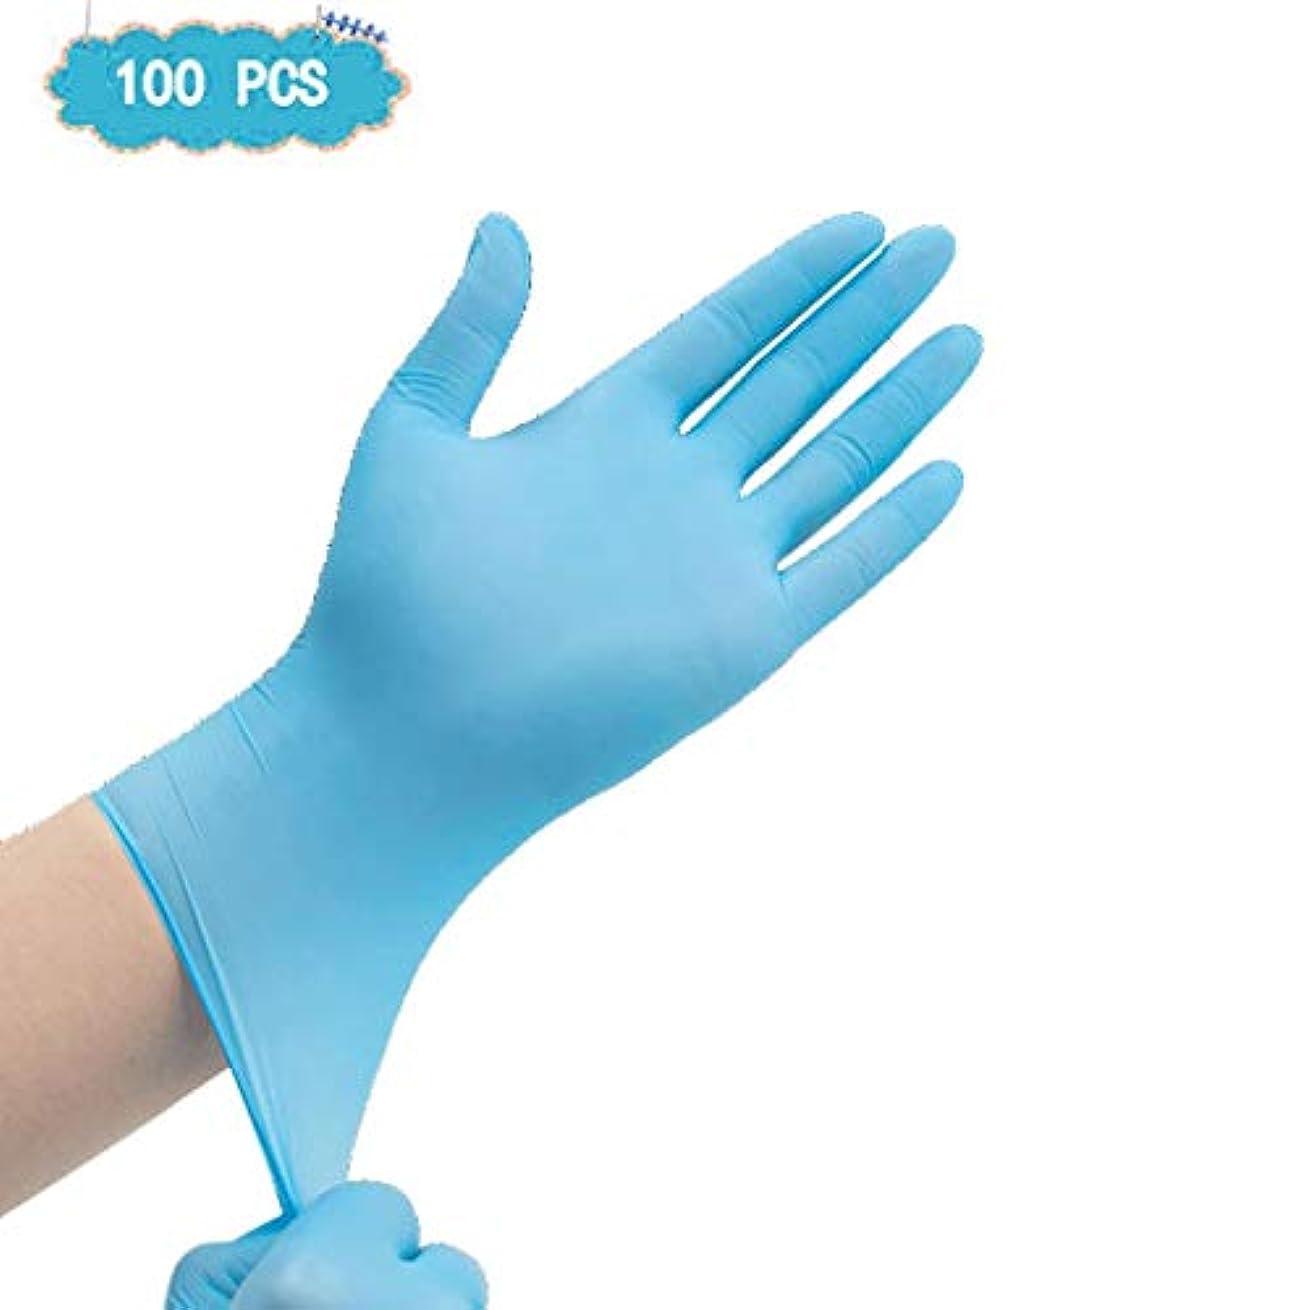 構造的アンビエント詩ニトリル手袋、青酸およびアルカリ家庭用加工食品使い捨て手袋ペットケアネイルアート検査保護実験、ビューティーサロンラテックスフリー、、 100個 (Size : L)